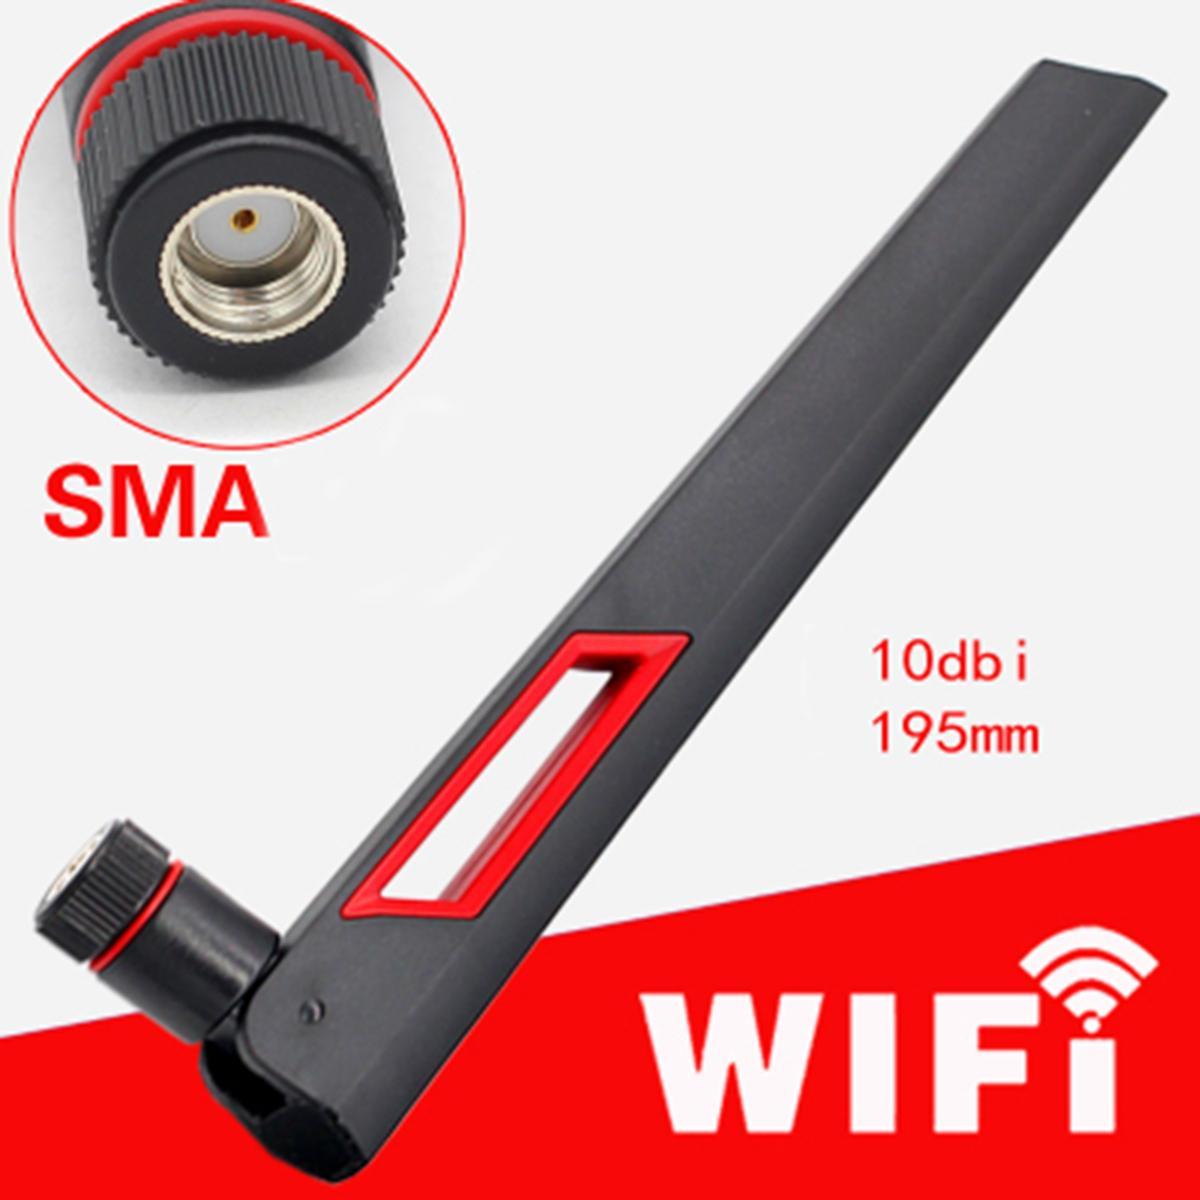 Mã Khuyến Mãi Anten WiFi Asus 10dbi (Anten Router WiFi Gaming)